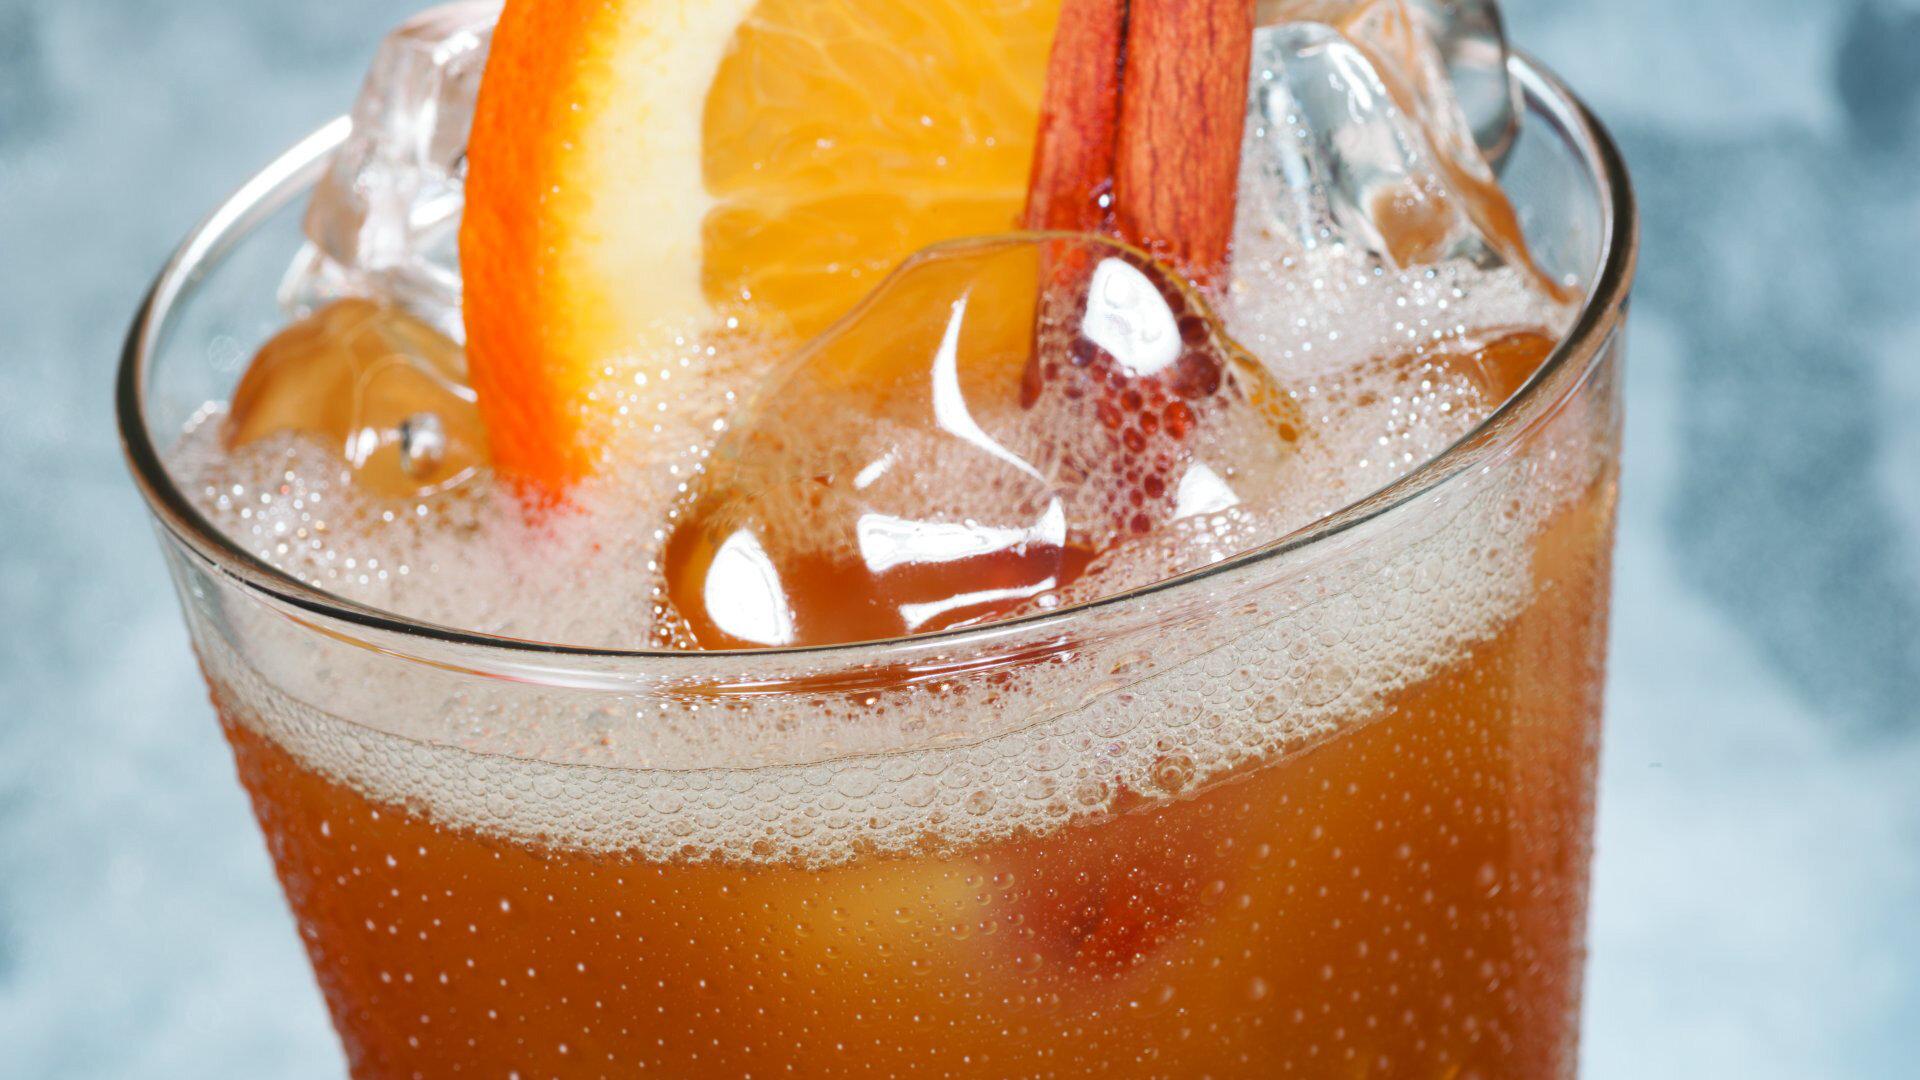 Premium dryckespaket - Dryckespaketet innehåller ett stort utbud av alkoholhaltiga och alkoholfria drycker. Öl, vin, drinkar, mineralvatten, juicer i alla barer och restauranger under hela kryssningen.